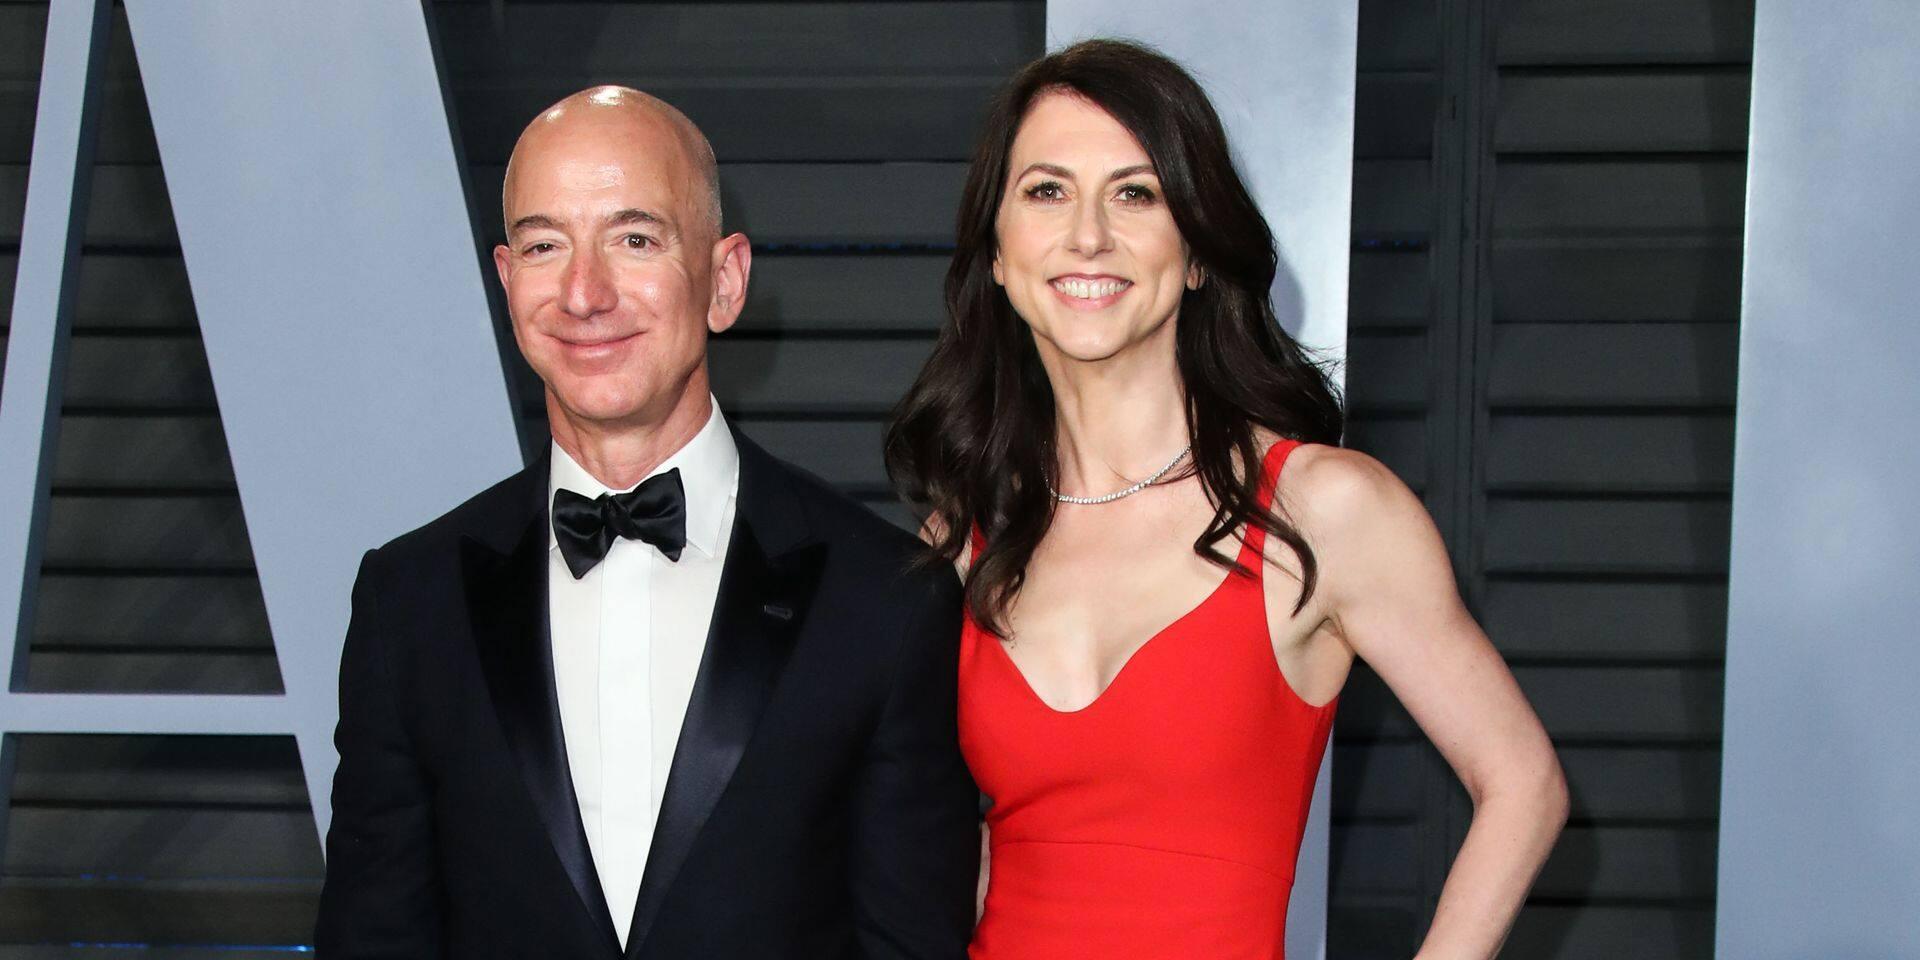 Quelle est la recette du succès de Jeff Bezos, le patron d'Amazon et l'homme le plus riche du monde?